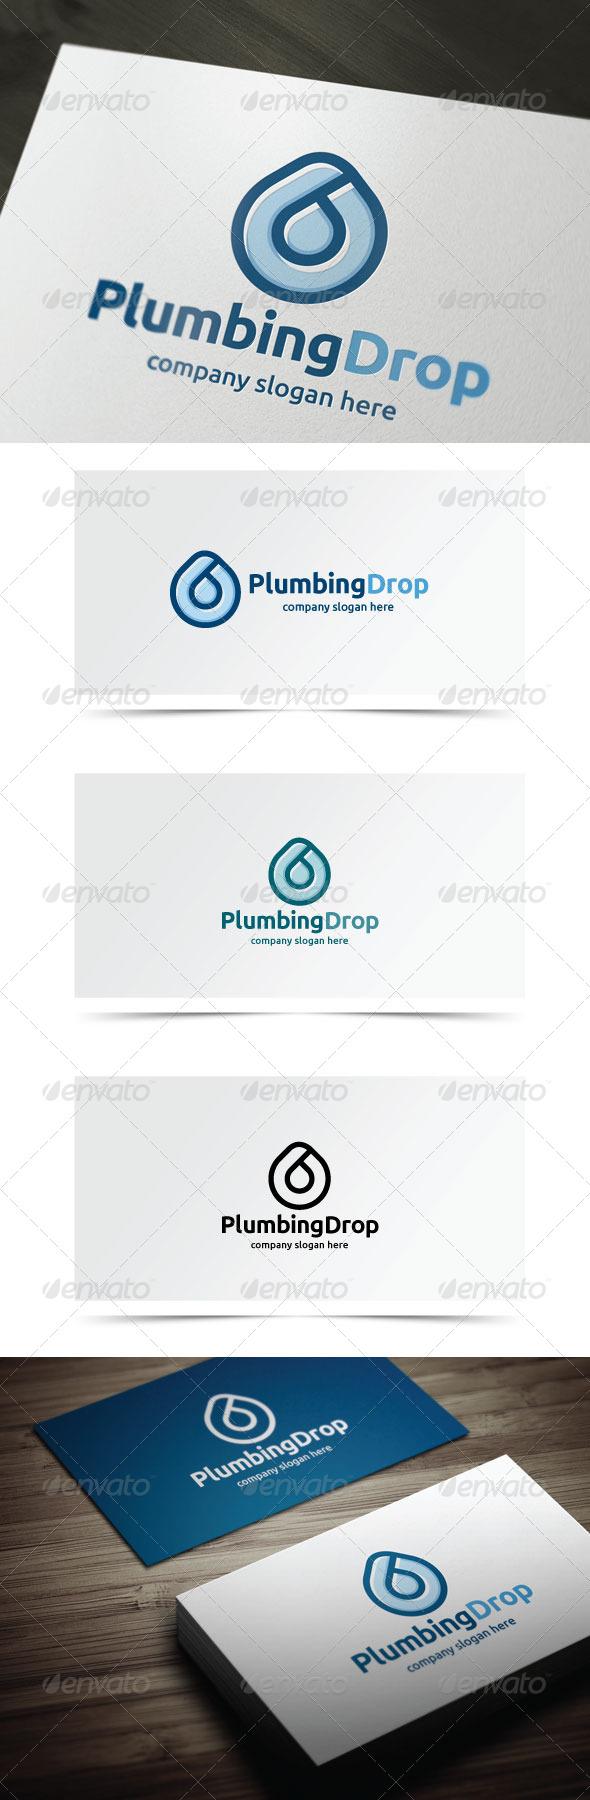 GraphicRiver Plumbing Drop 7481675